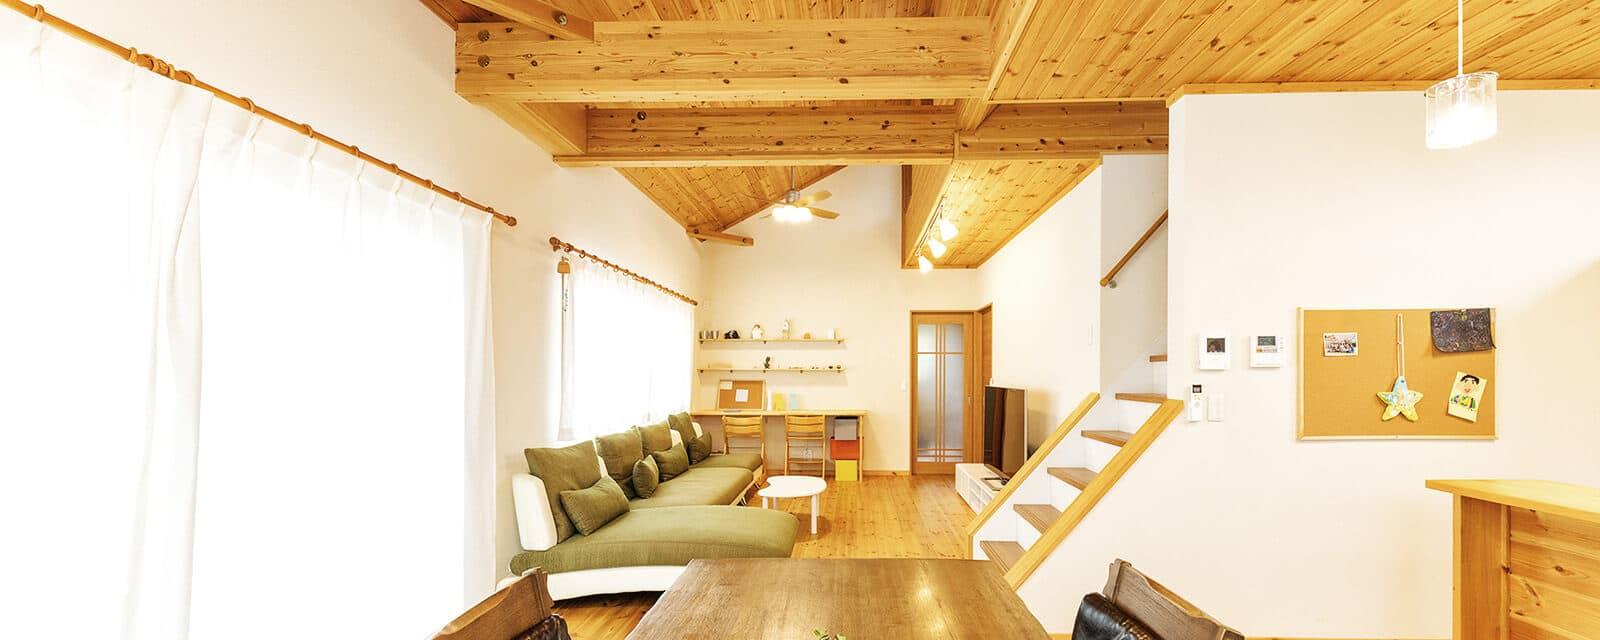 ログハウスのような木の家を低価格で建てるエイ・ワンの家族が集まる居心地の良いリビング